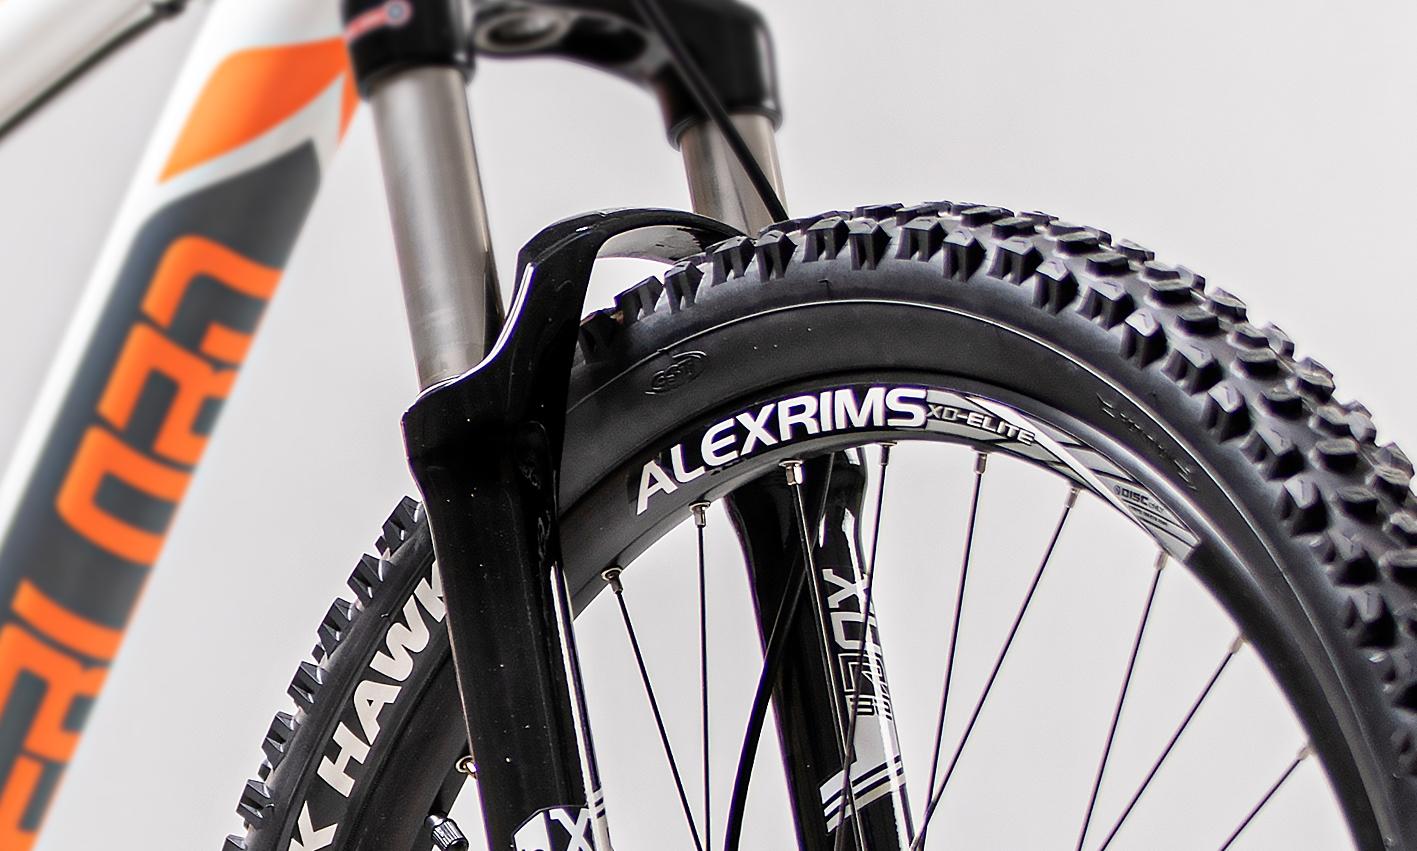 طوقه و لاستیک دوچرخه اورلرد